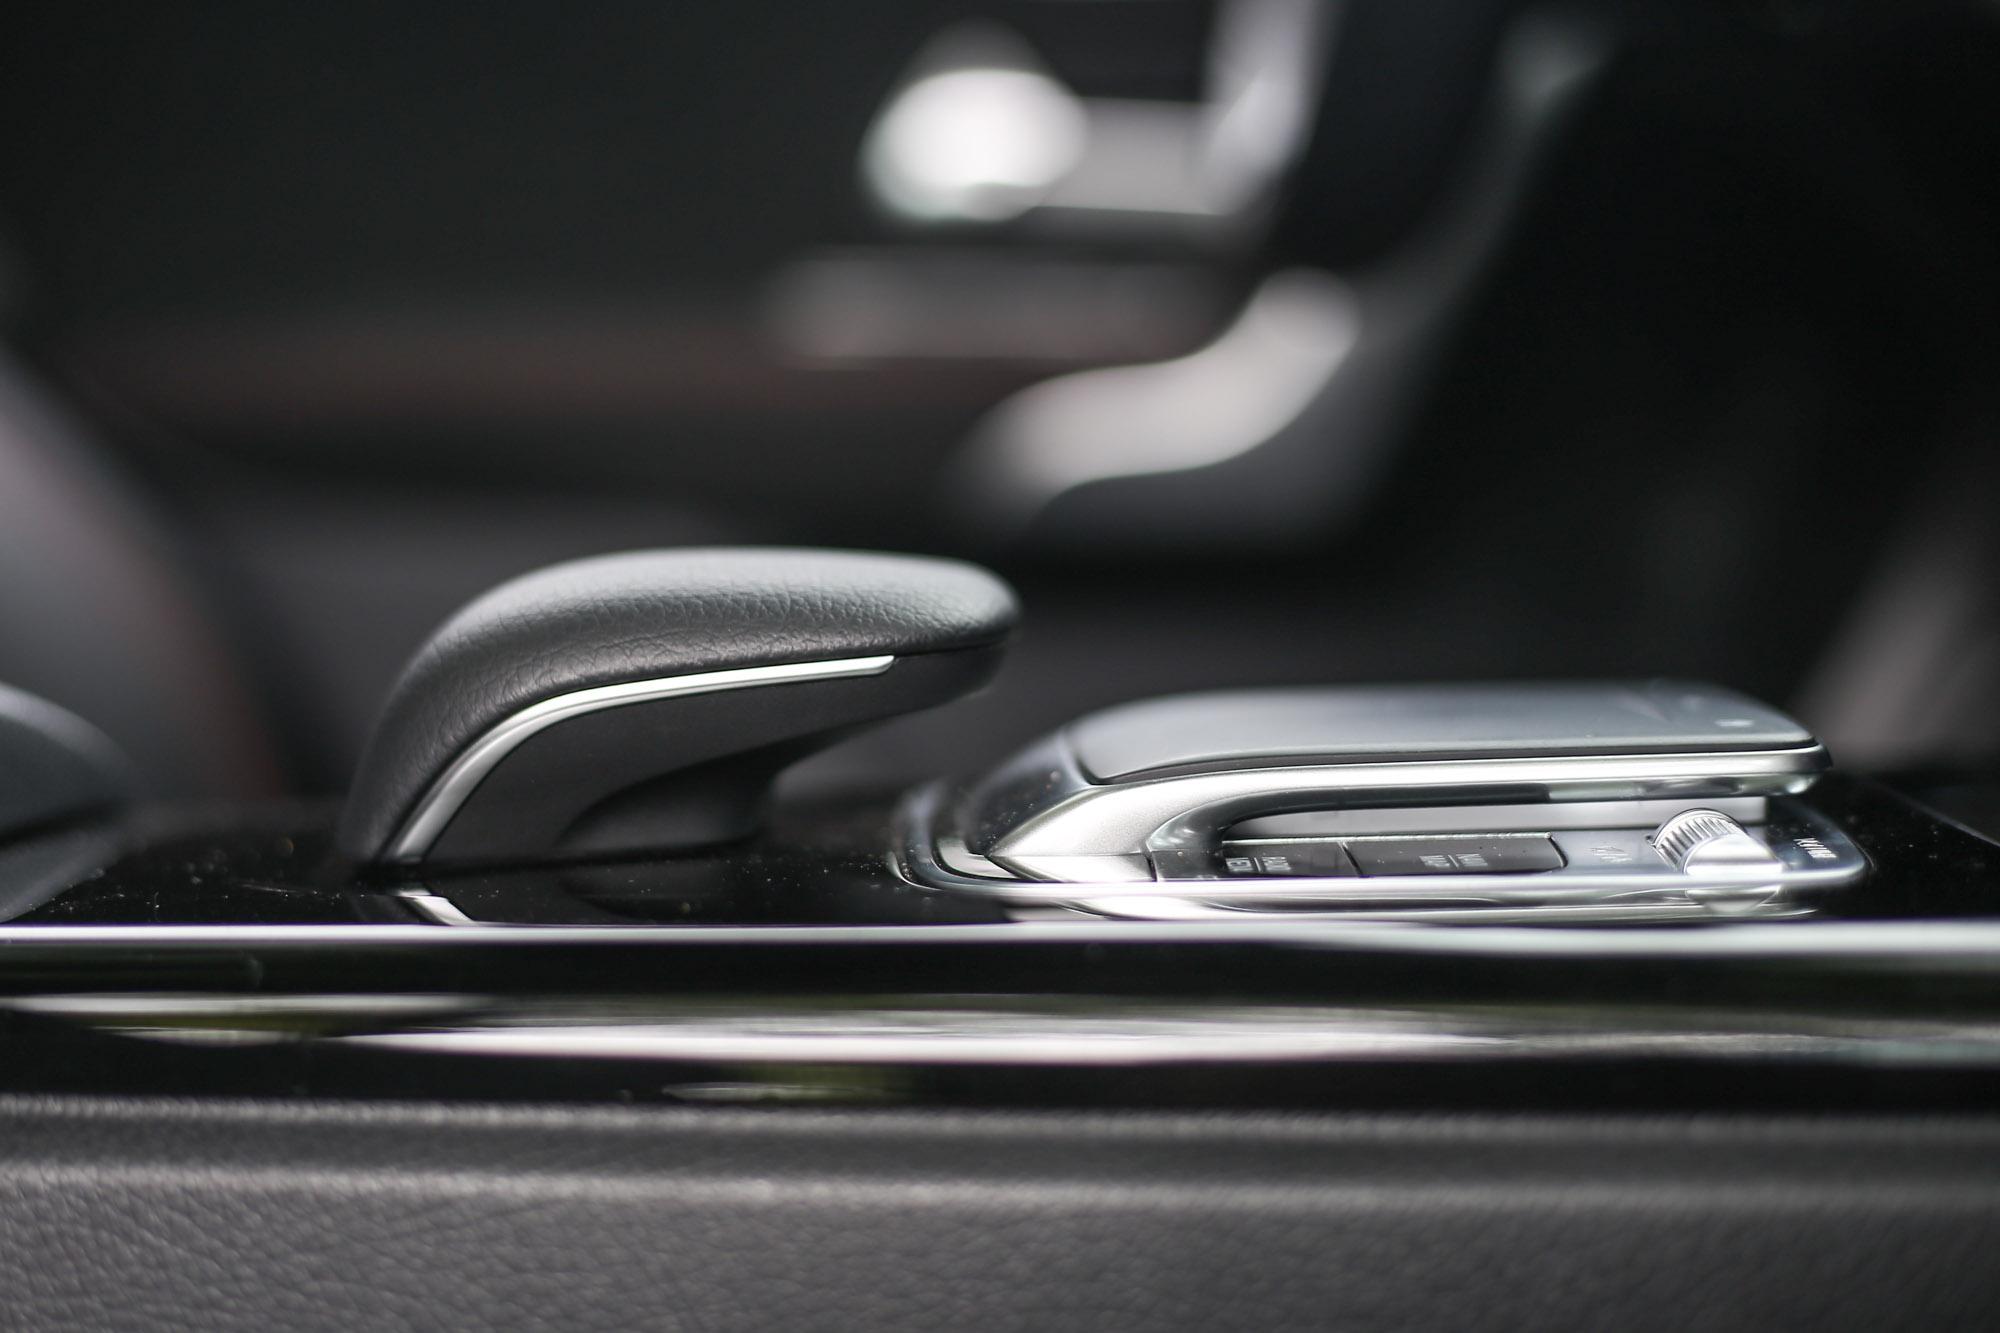 由於柱排式的排檔桿與電子駐車系統的設計,中央鞍座處主要為多媒體系統的操作介面。